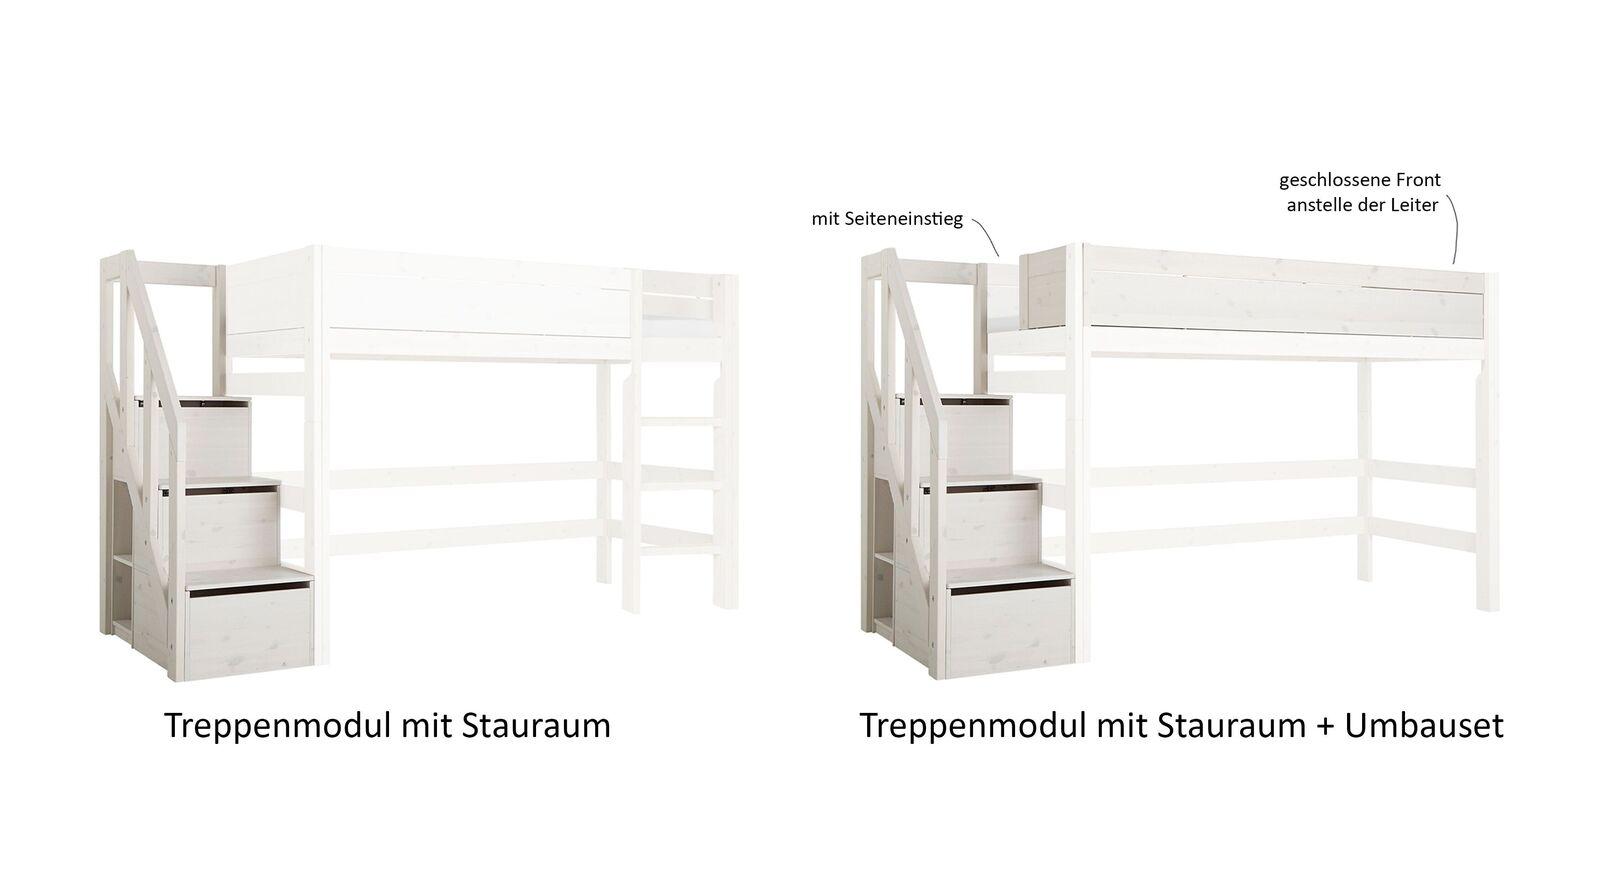 LIFETIME Treppenmodul mit Stauraum und praktischem Umbauset